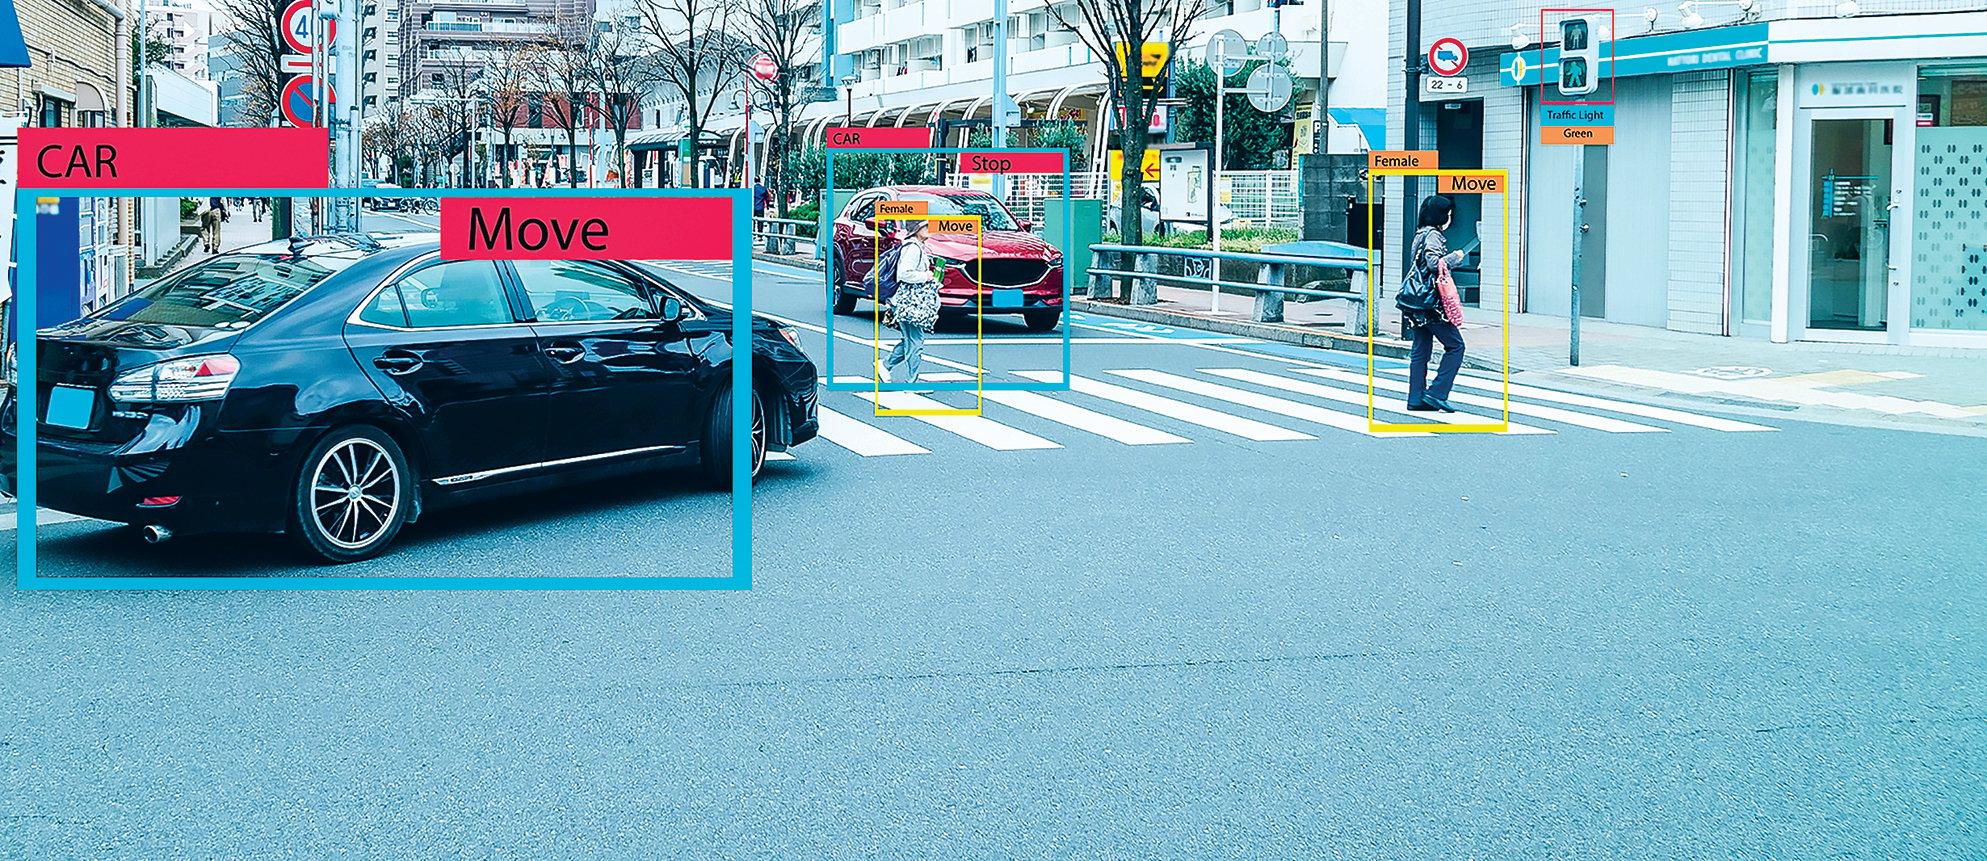 各個公司都採用仿真測試的方式,加快自動駕駛系統的學習進度,圖為仿真測試中的識別影像。(Shutterstock)